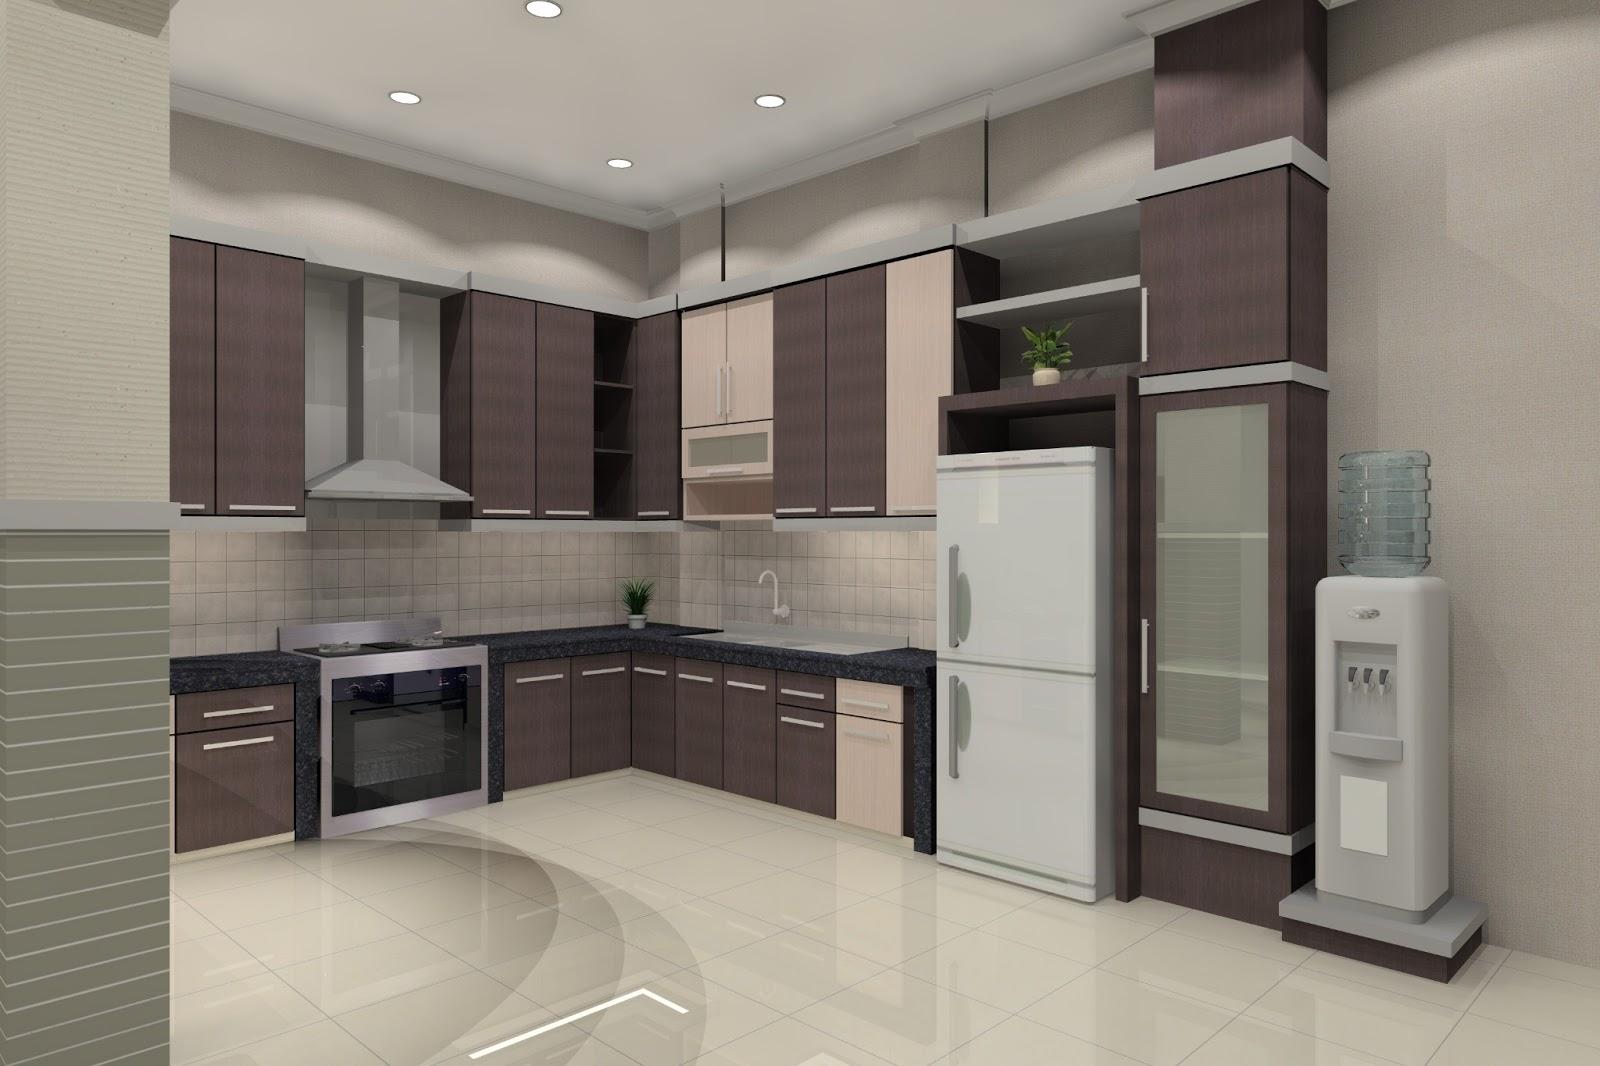 Gambar Model Desain Dapur Minimalis Terbaru